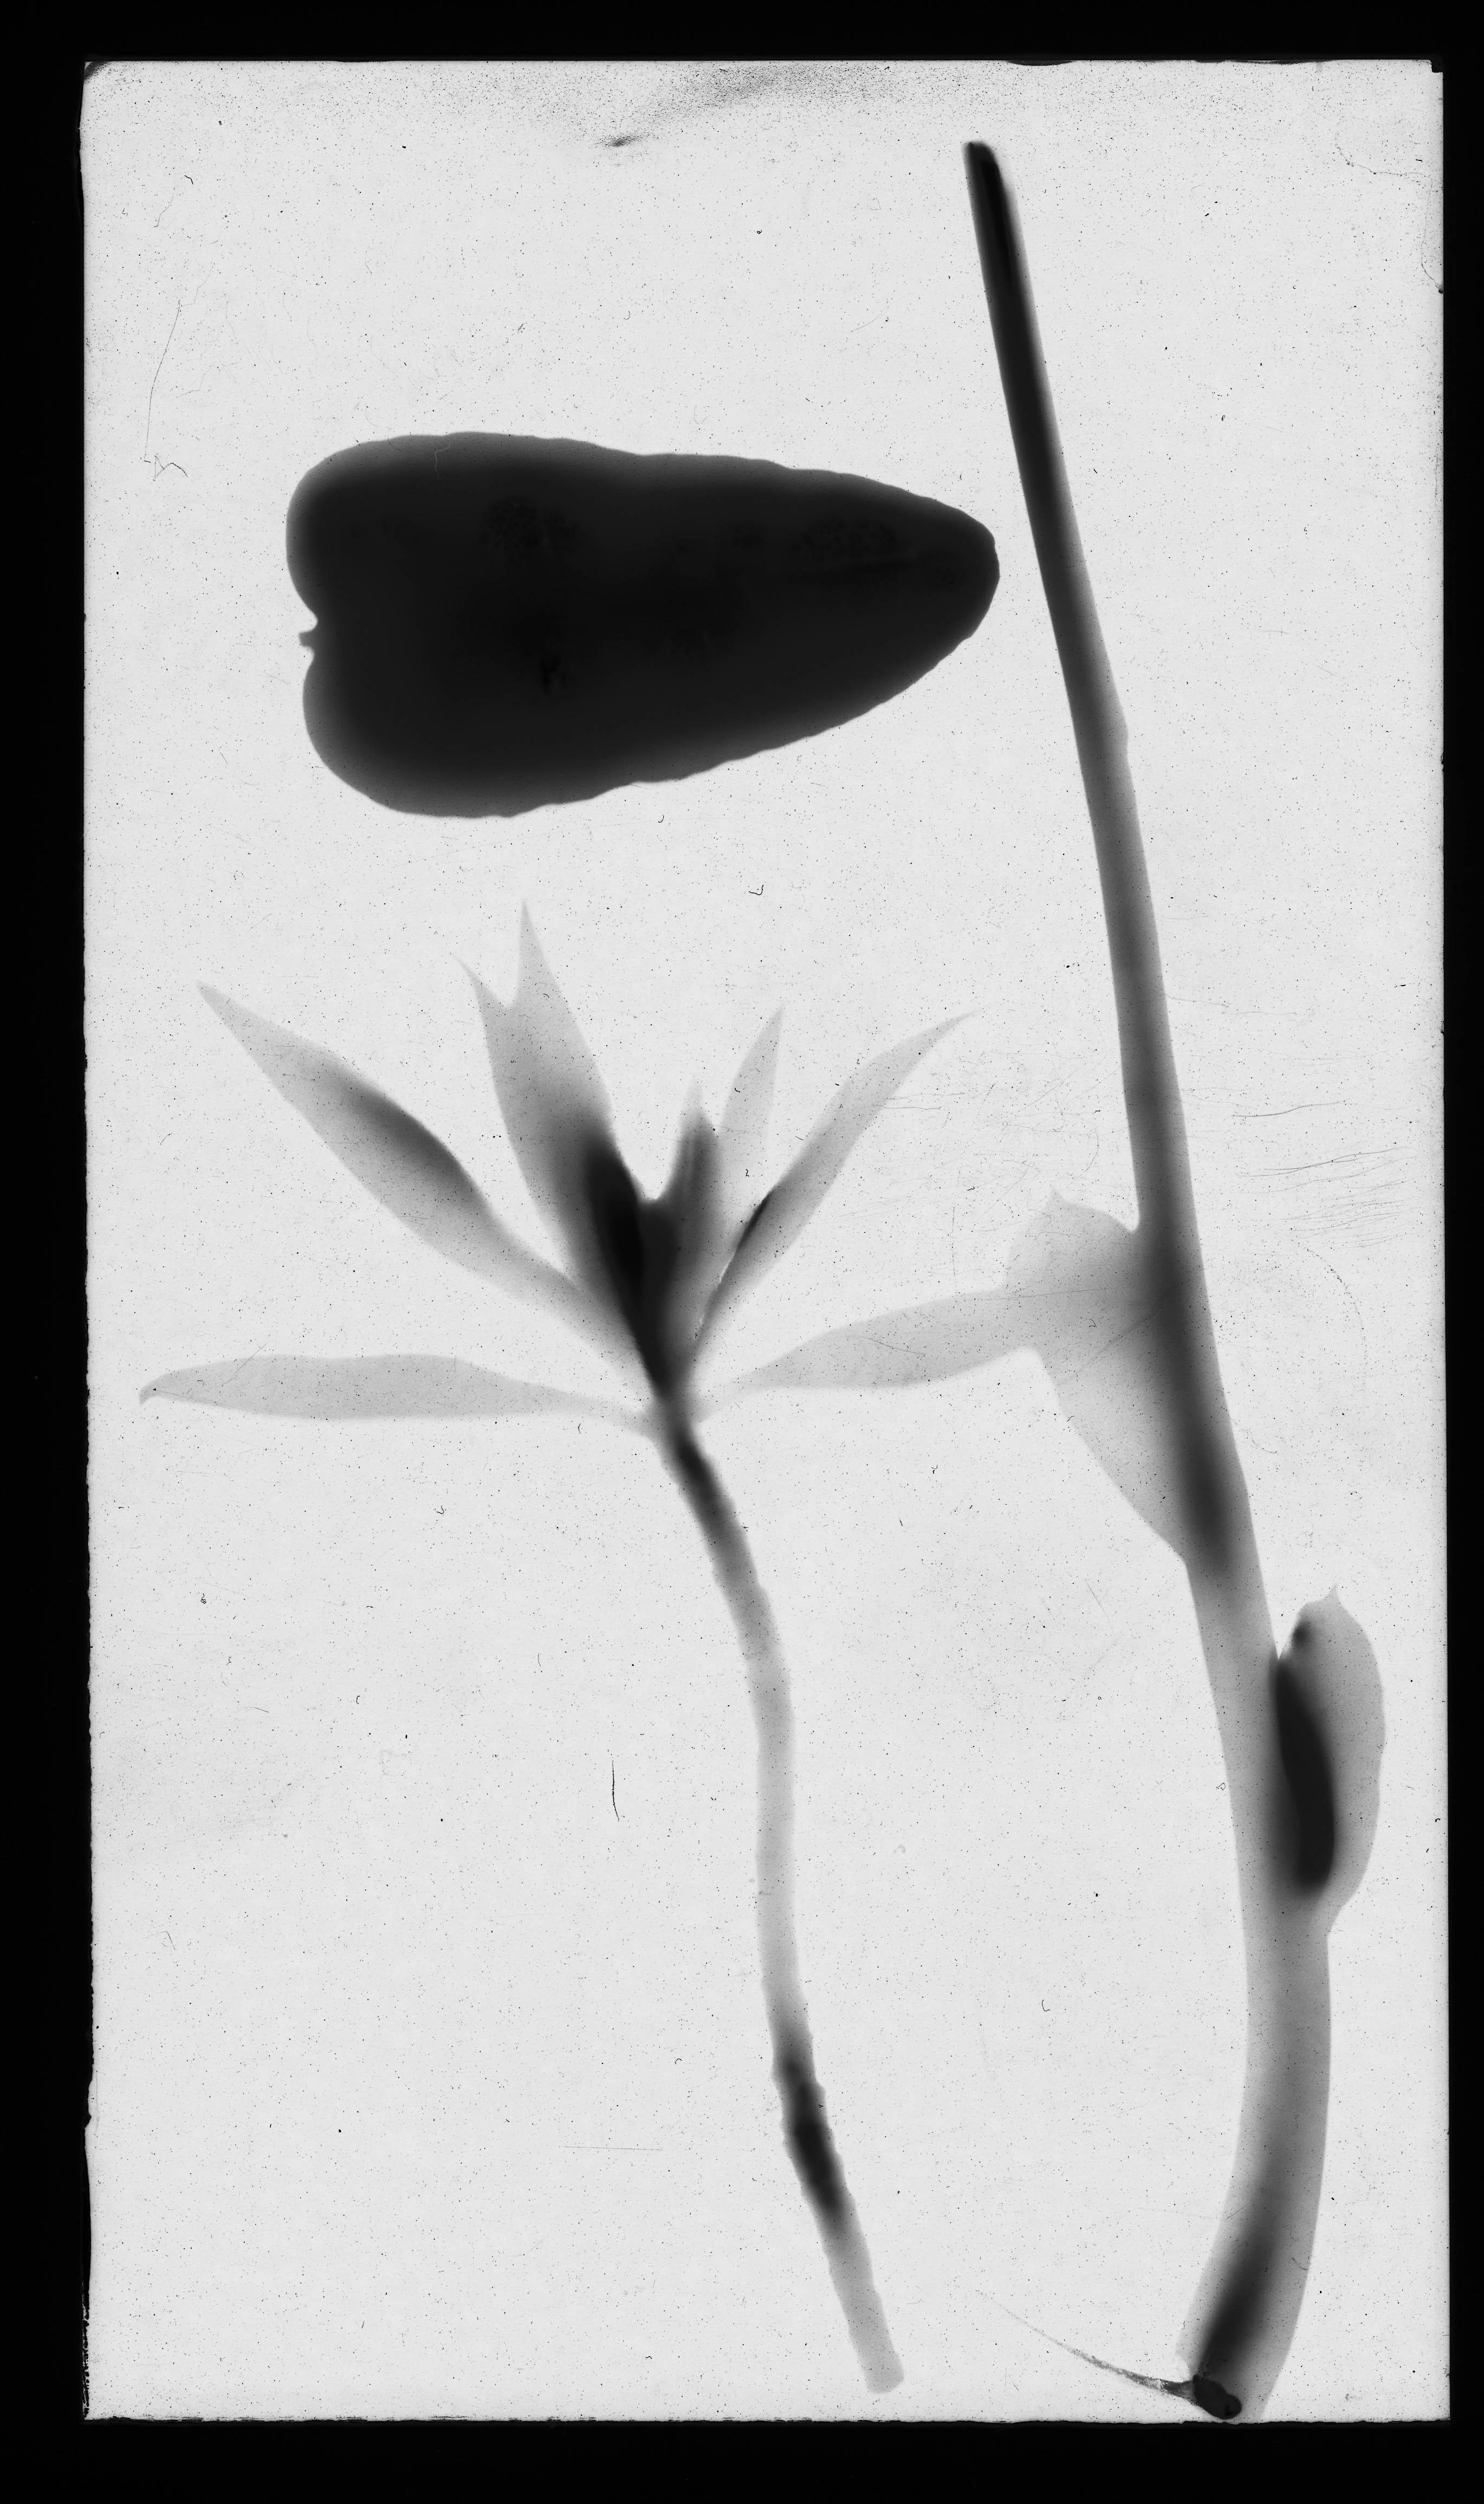 Exposición de fotografía Taller Mankasen en espacio IF Blanco Recoleta.